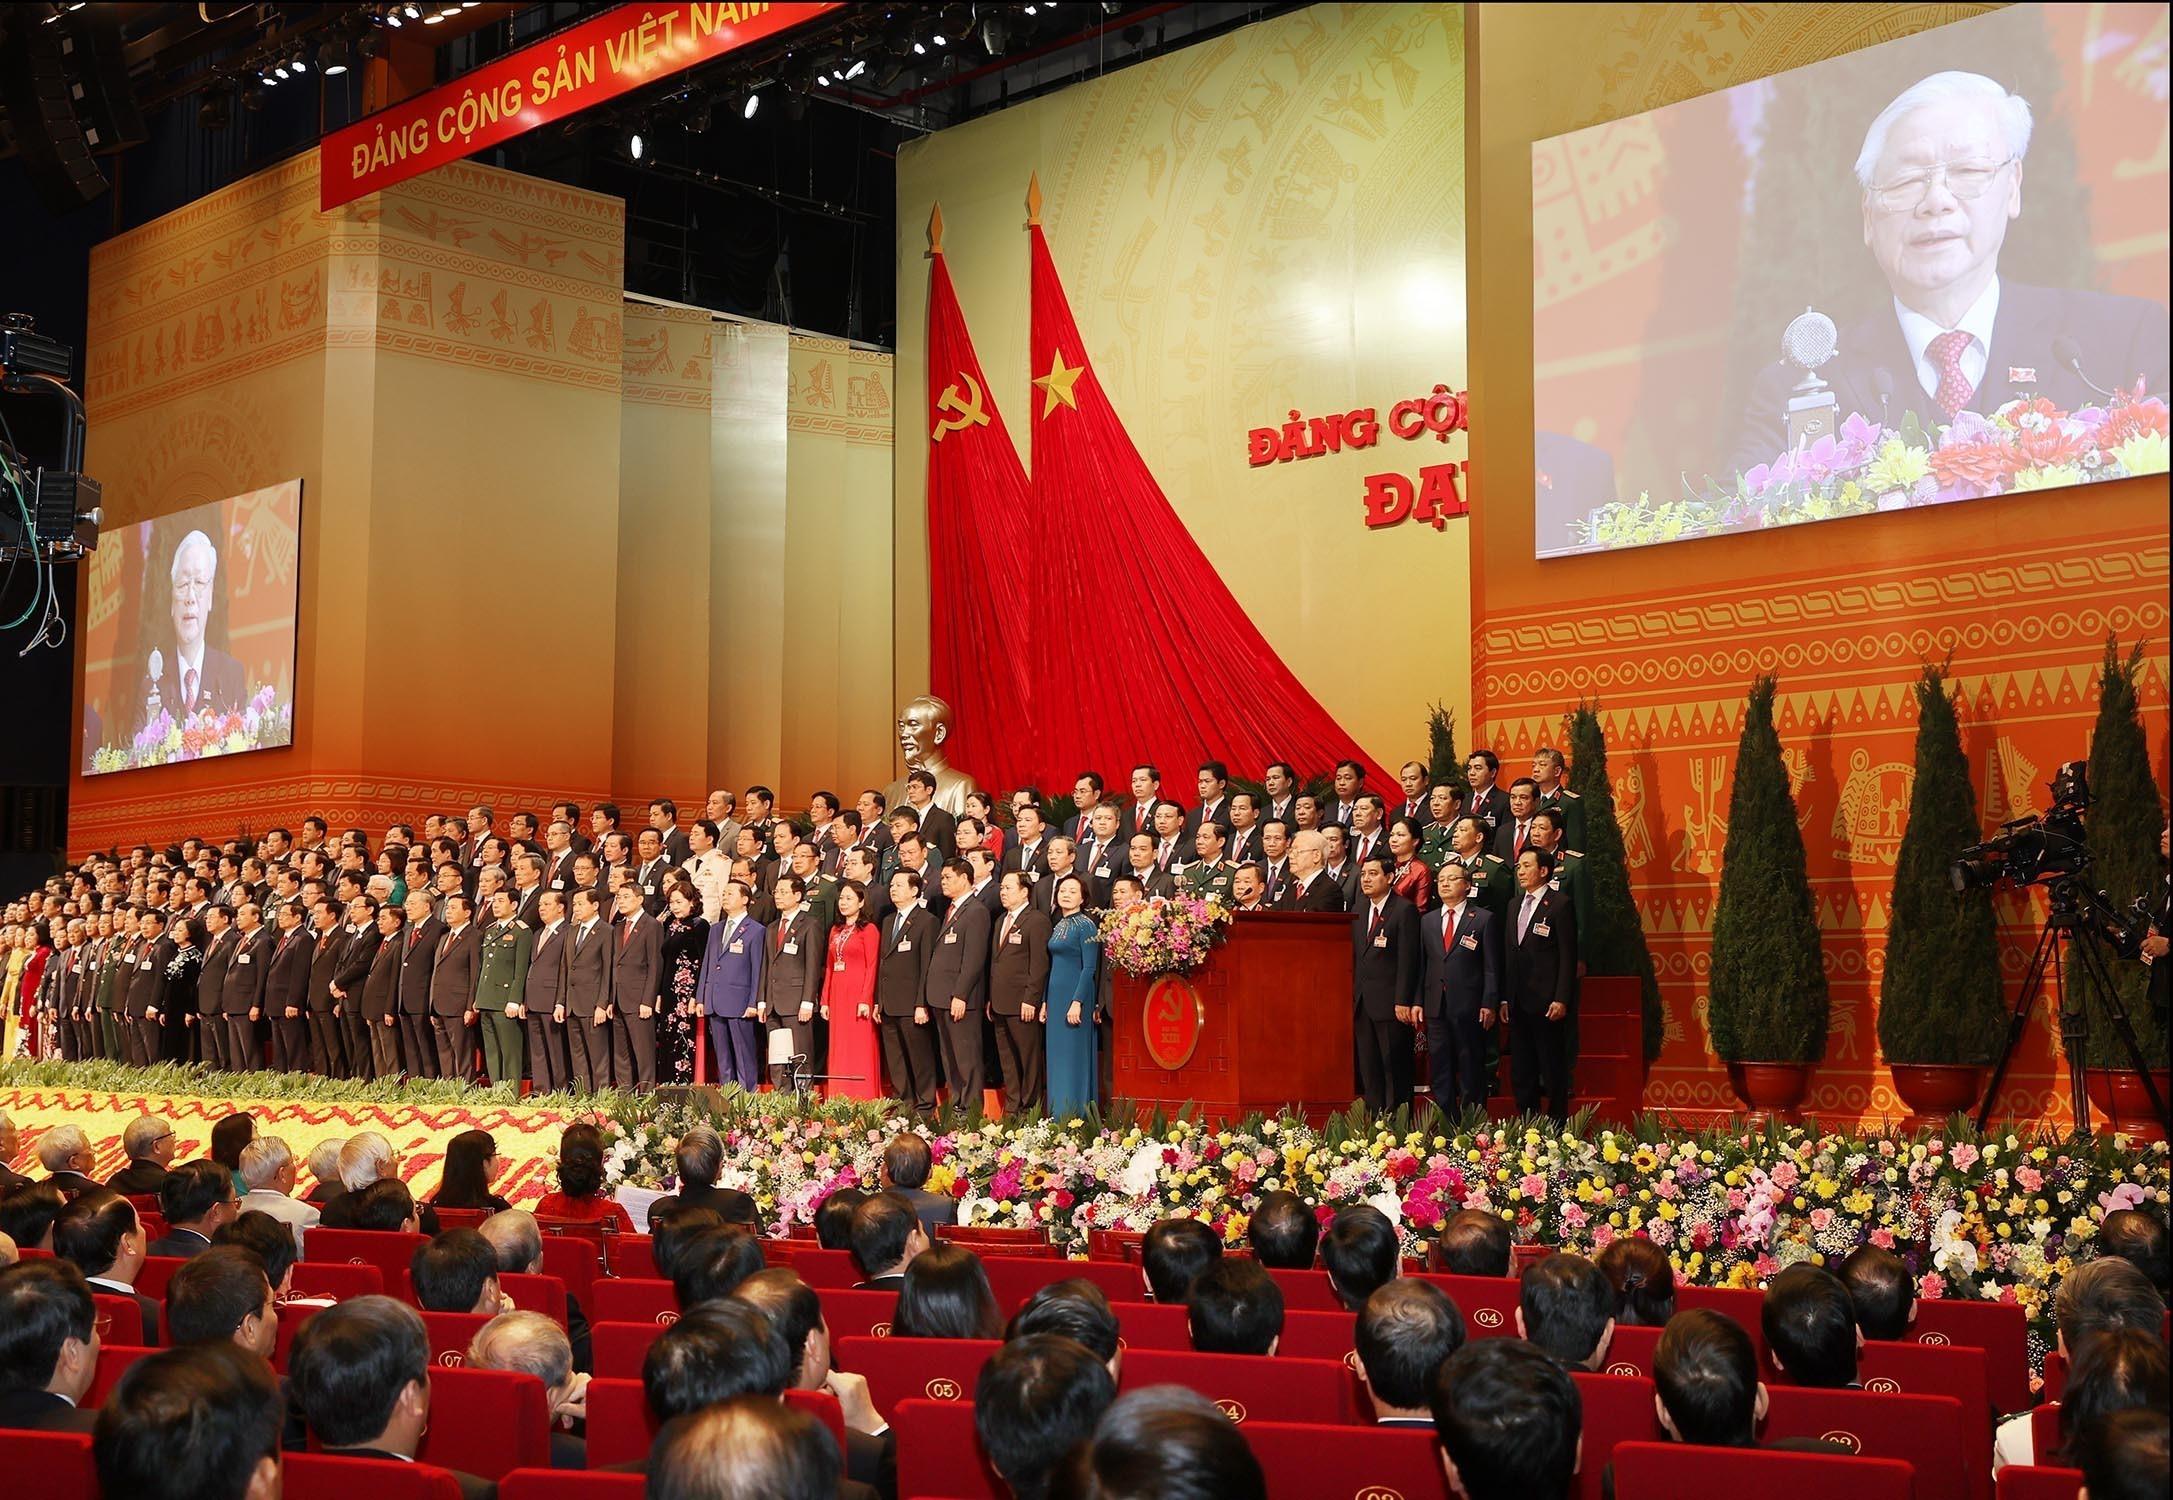 Tổng Bí thư, Chủ tịch nước Nguyễn Phú Trọng thay mặt Ban Chấp hành Trung ương khóa XIII phát biểu ý kiến tại phiên bế mạc Đại hội Đảng lần thứ XIII, sáng 1/2.Ảnh VGP